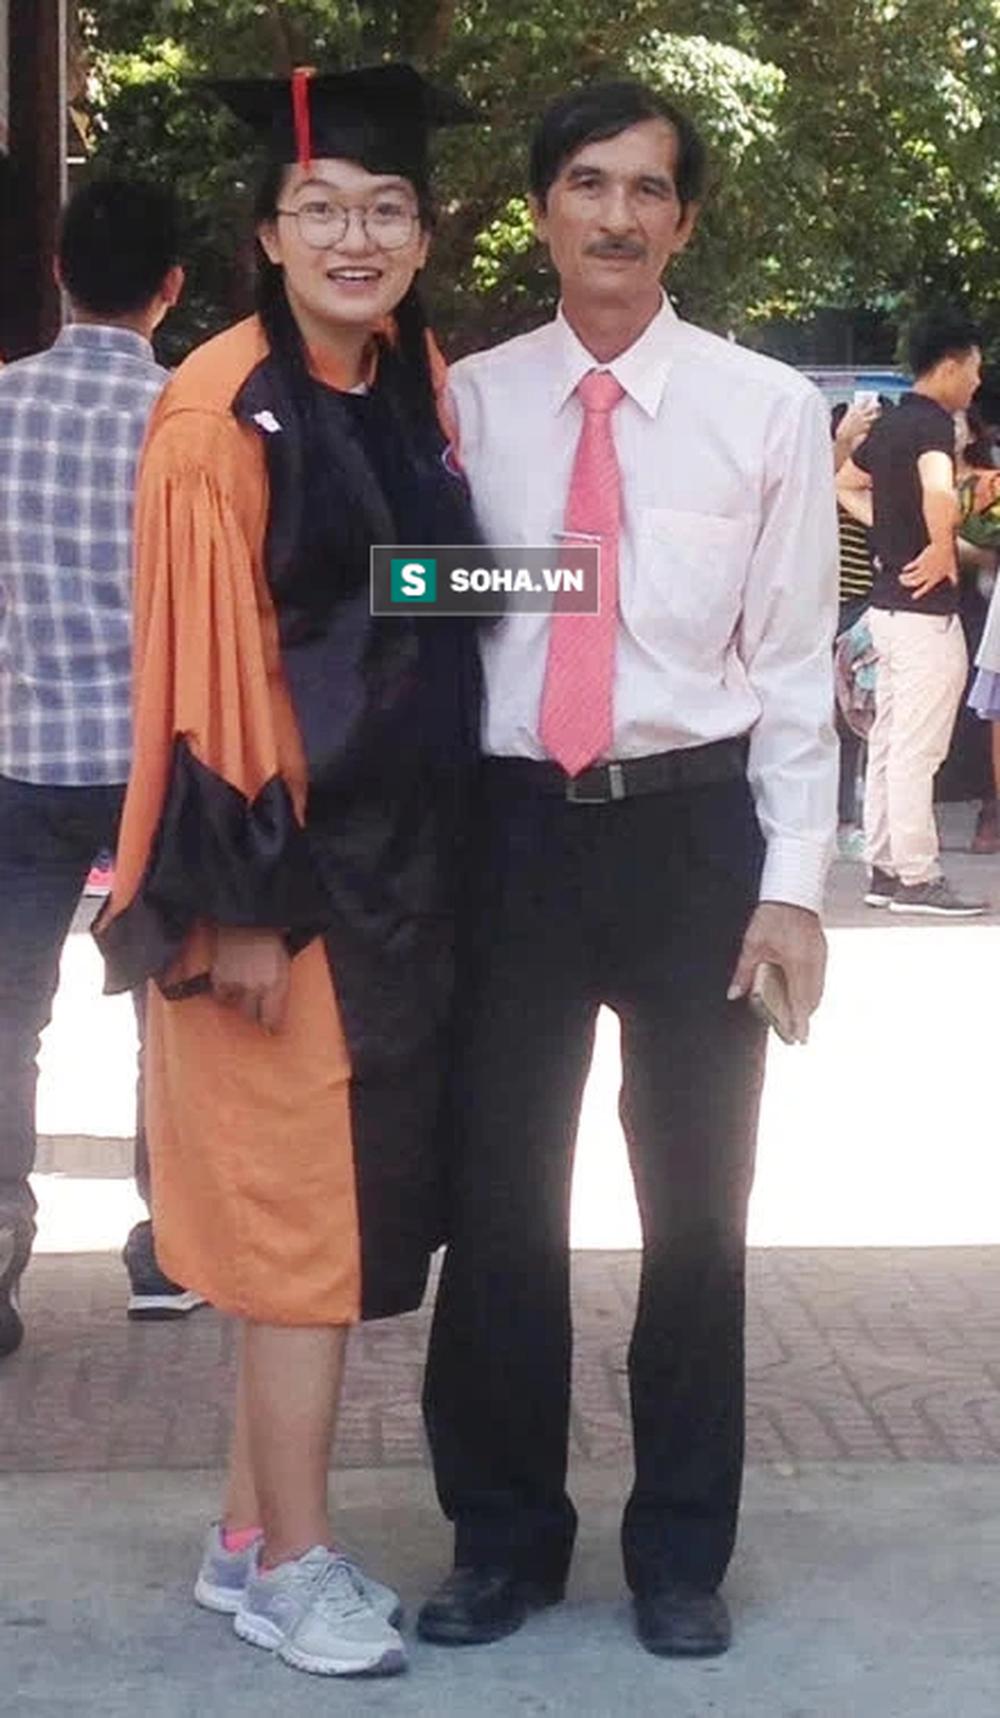 Cô gái trẻ ra chốt phong tỏa rình chụp trộm ông chú U70, phản ứng sau đó khiến tất thảy cười chảy nước mắt - Ảnh 2.